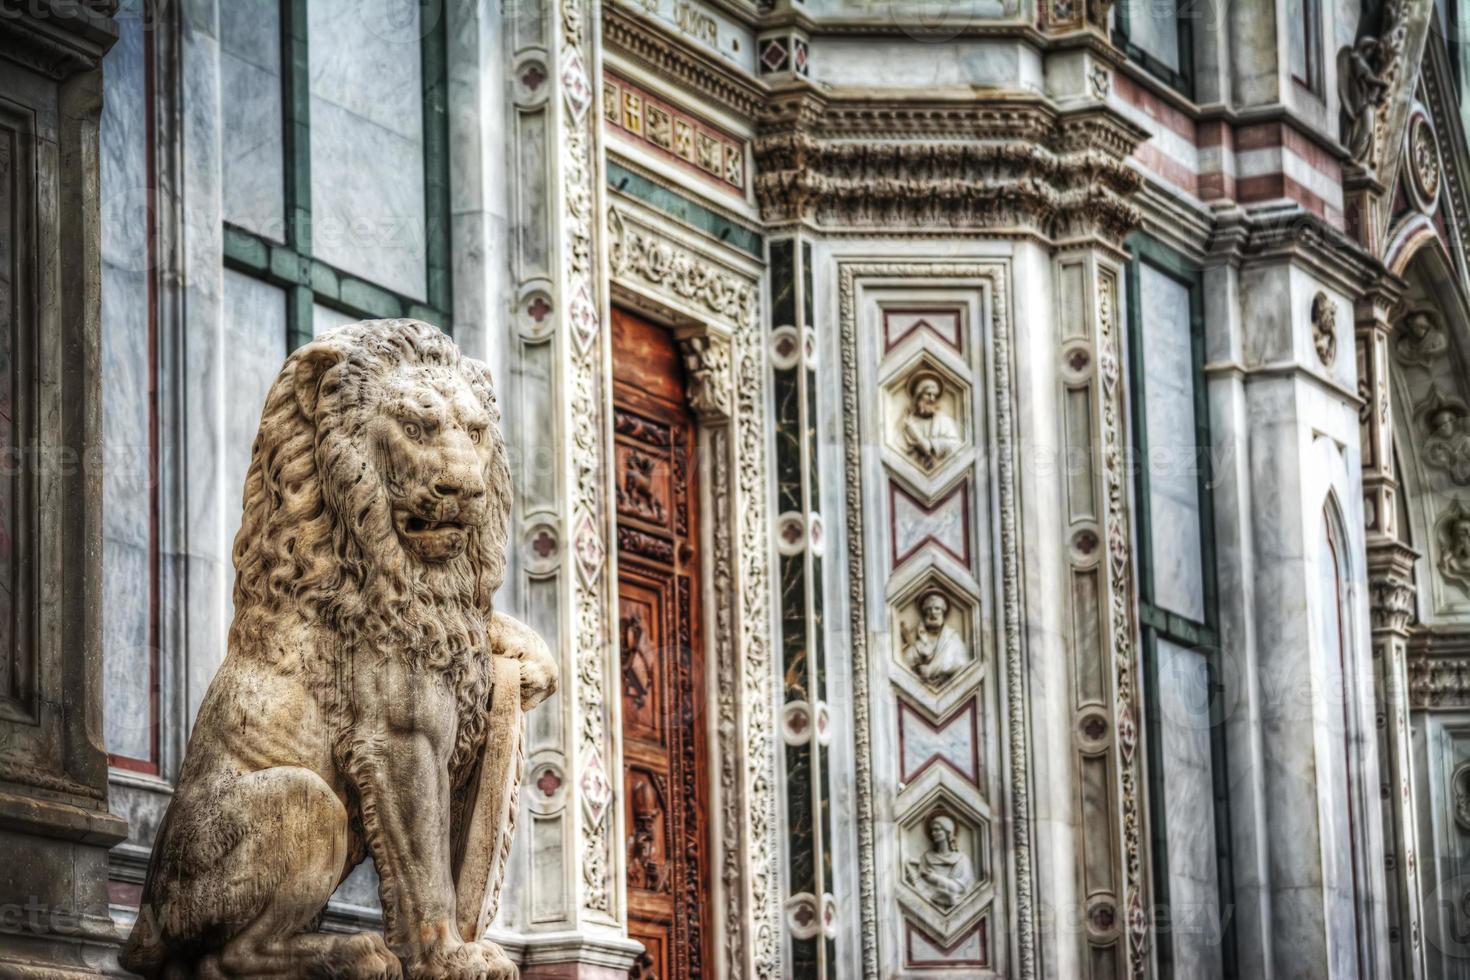 scultura di un leone in piazza santa croce a firenze foto